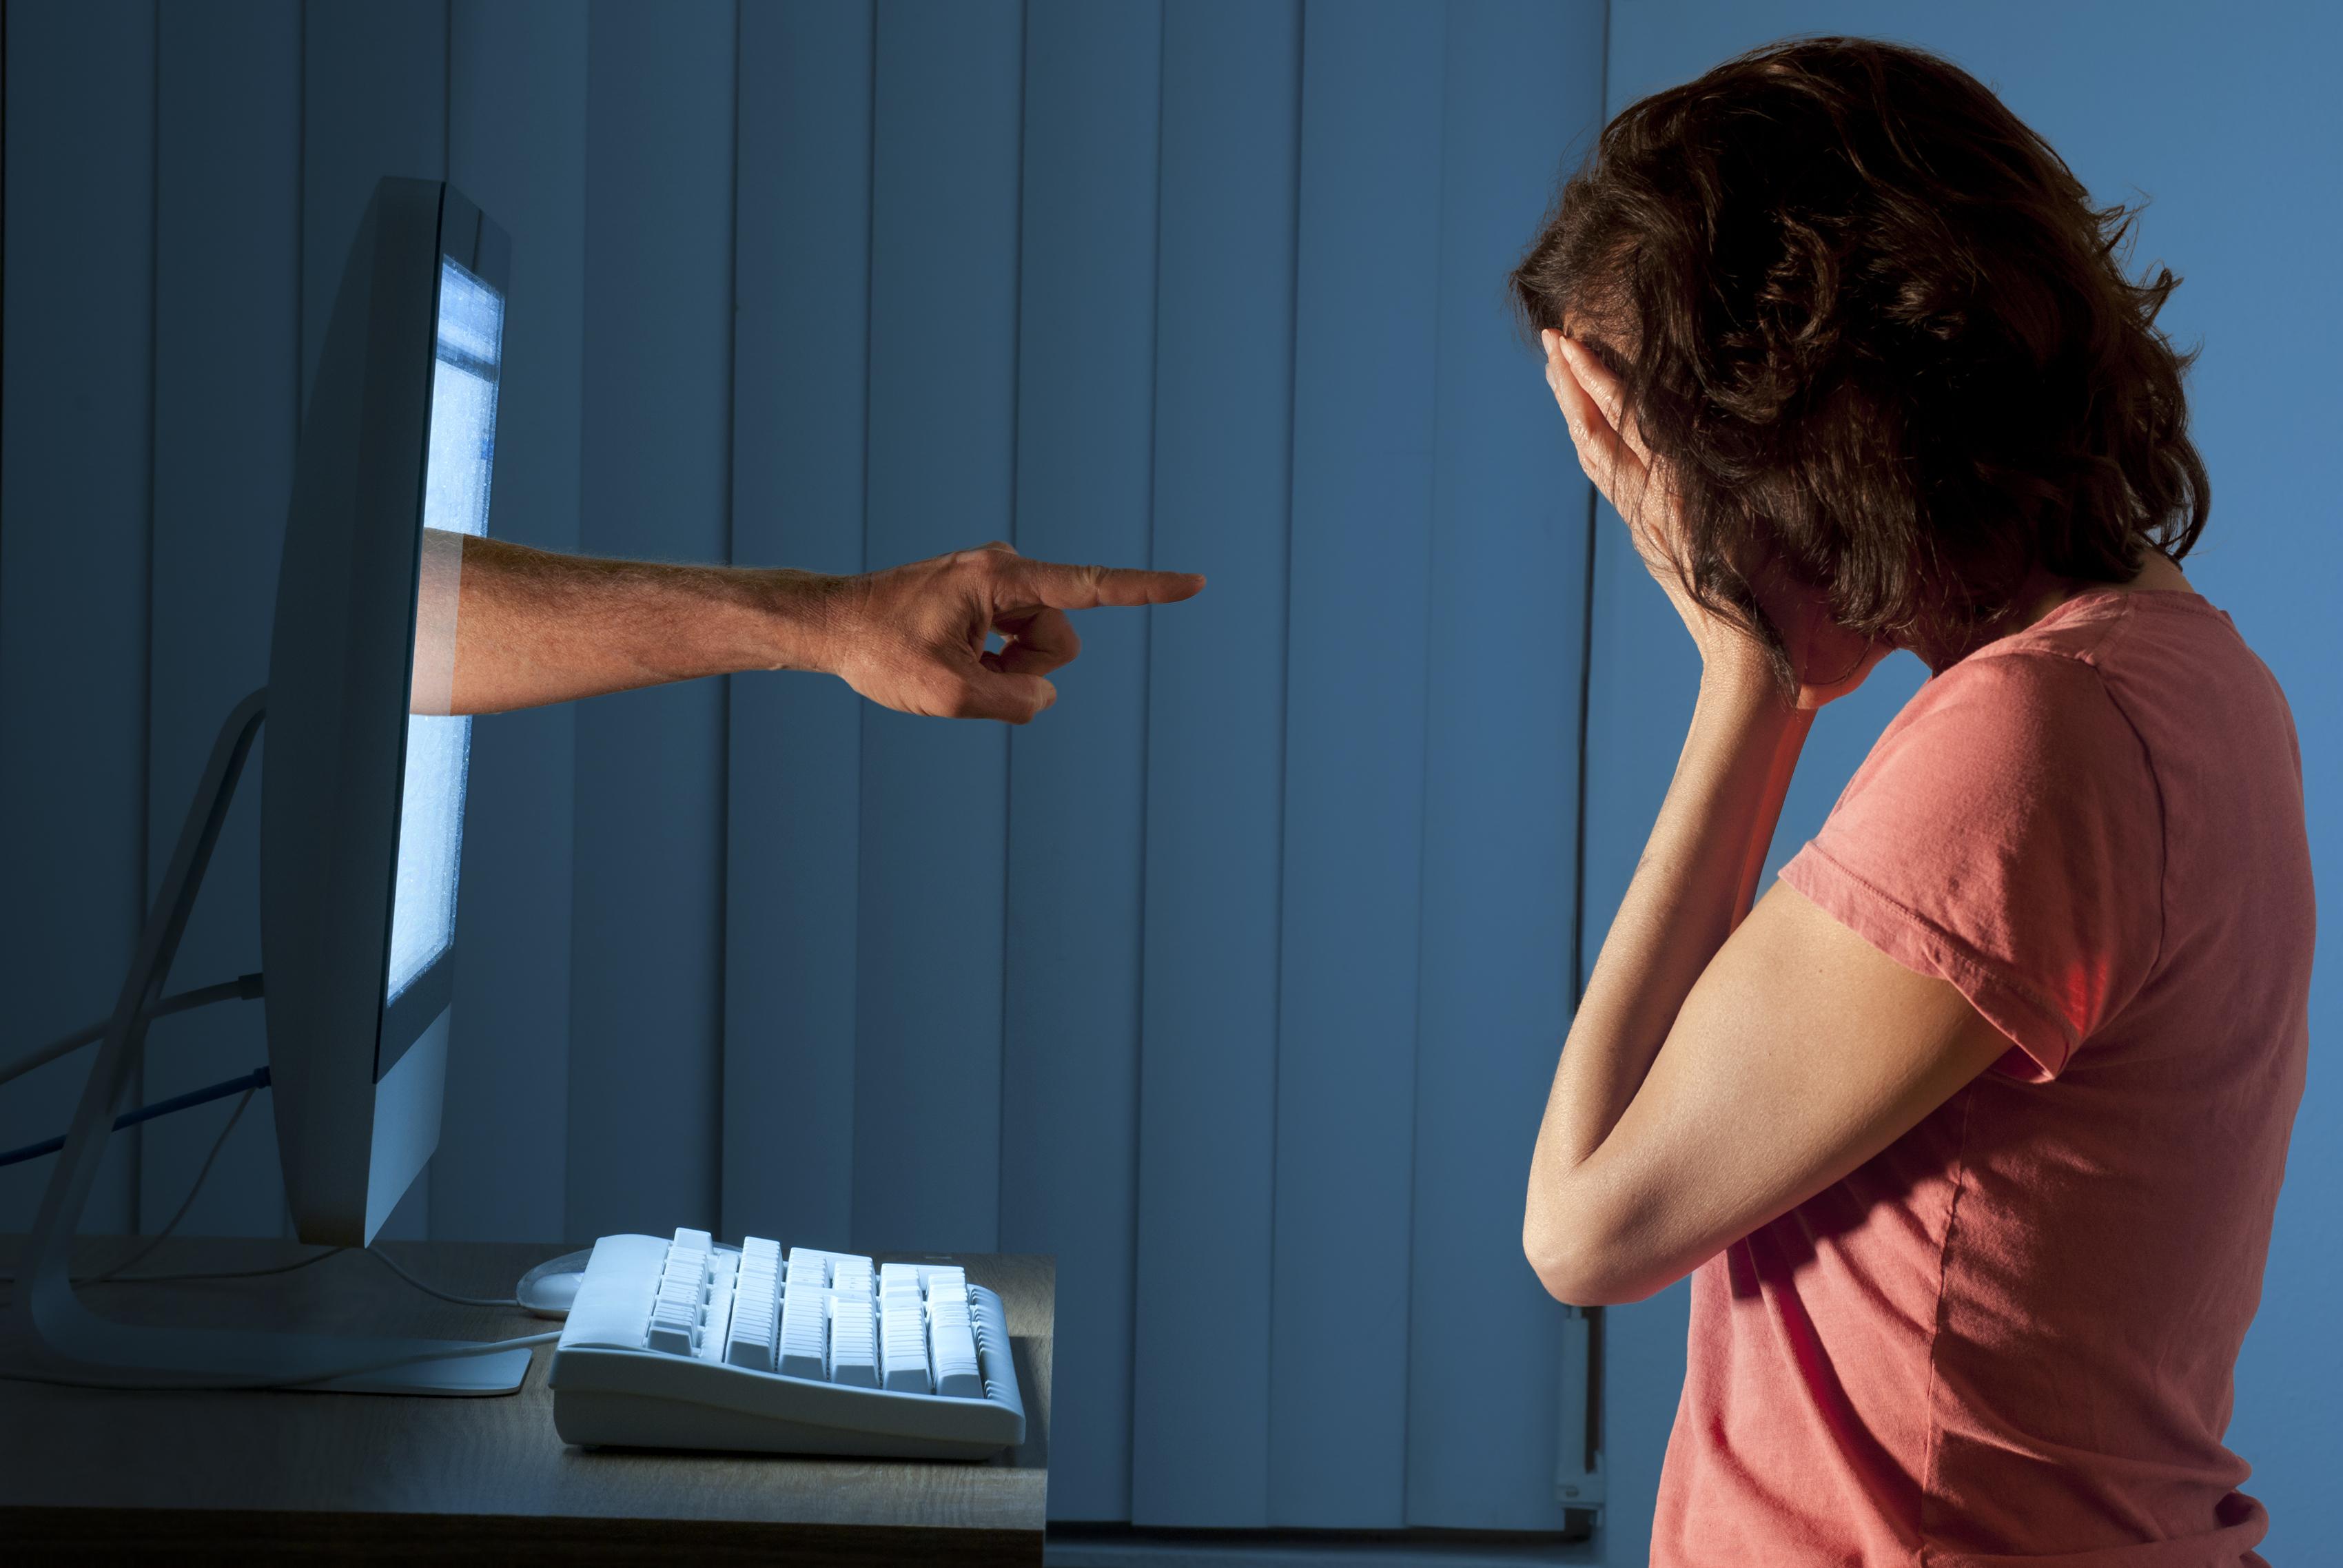 Existen usuarios de redes sociales que disfrutan hacer comentarios ofensivos y publicaciones que incitan al odio, la discriminación o la burla. Se les conoce como Trols. (Foto Prensa Libre: Servicios)